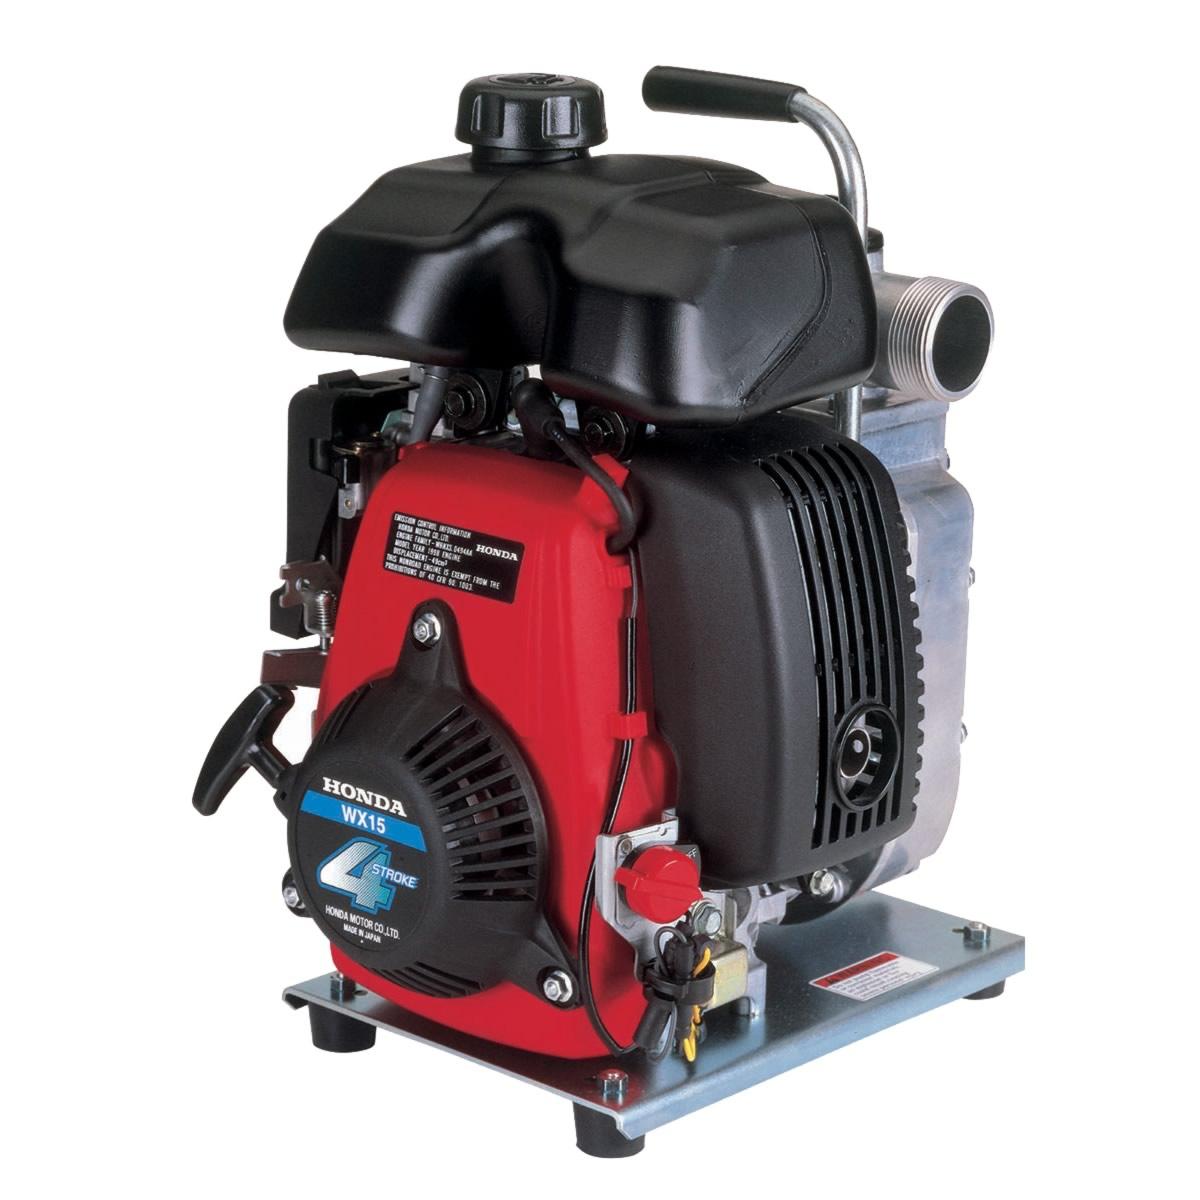 HONDA®  WX15T water pump owners manual BRAND NEW!